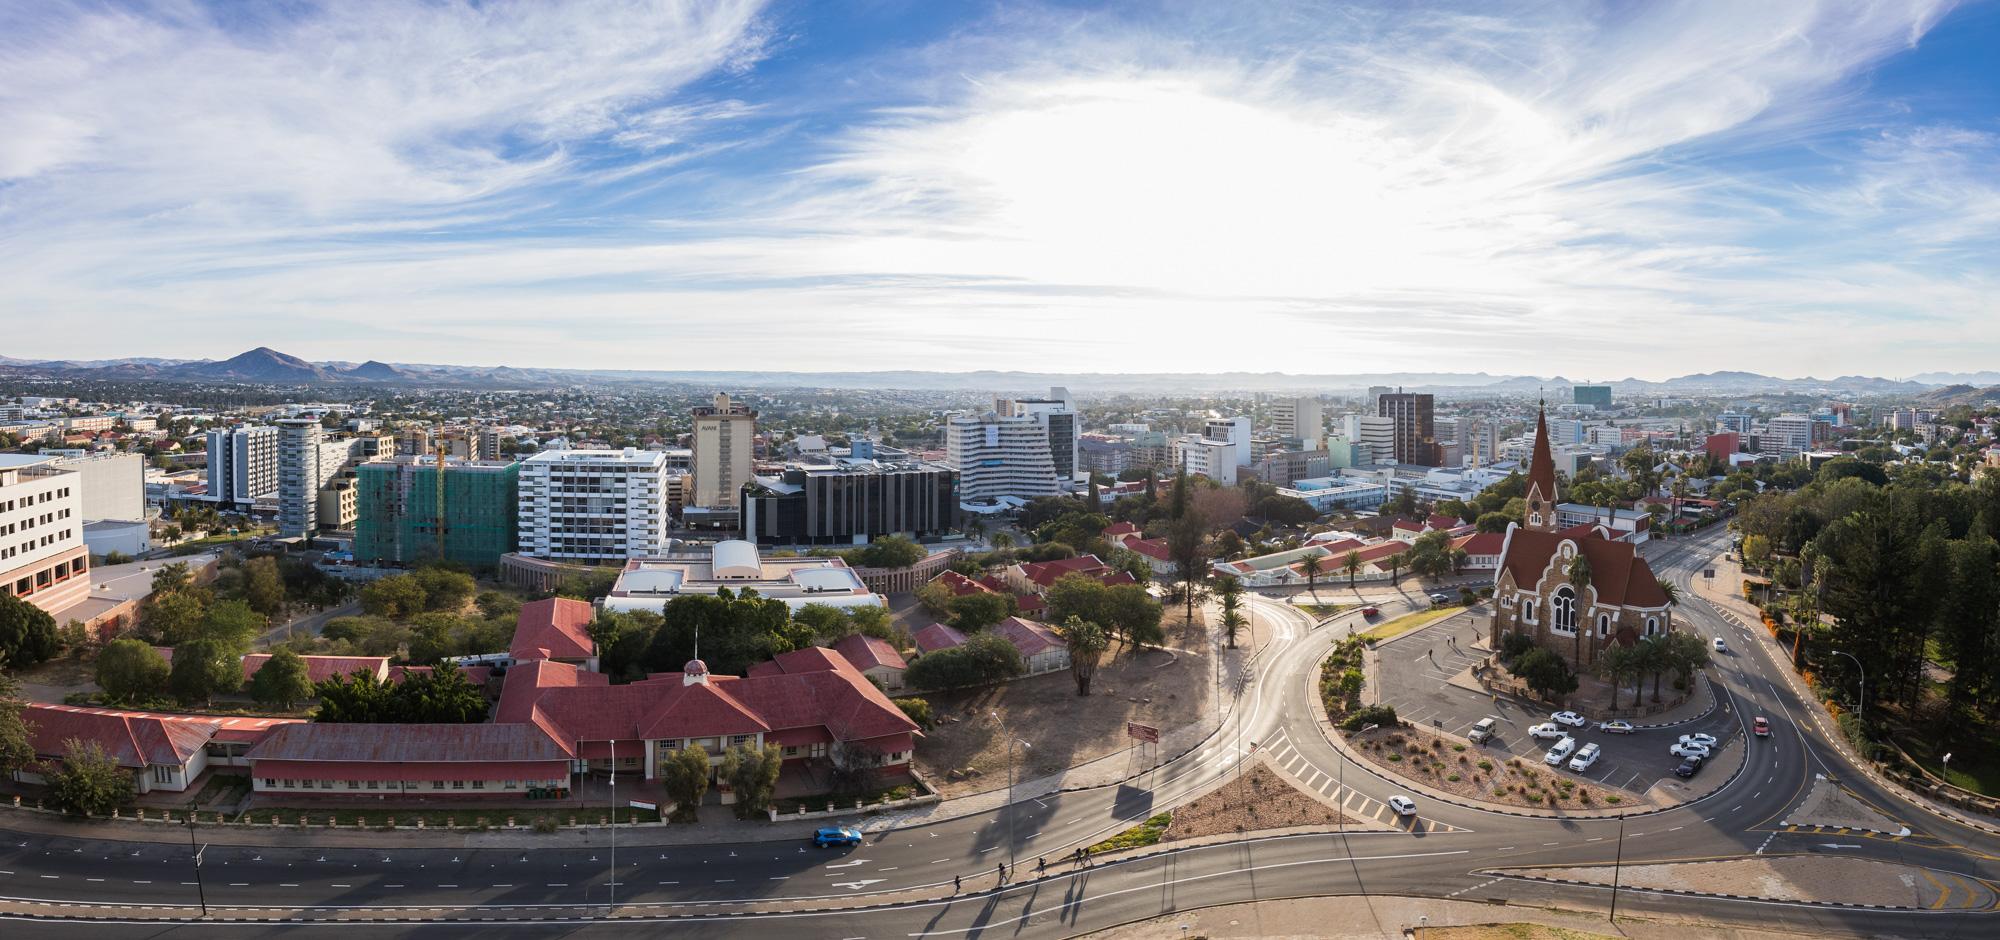 Nambia 2018-0002.jpg